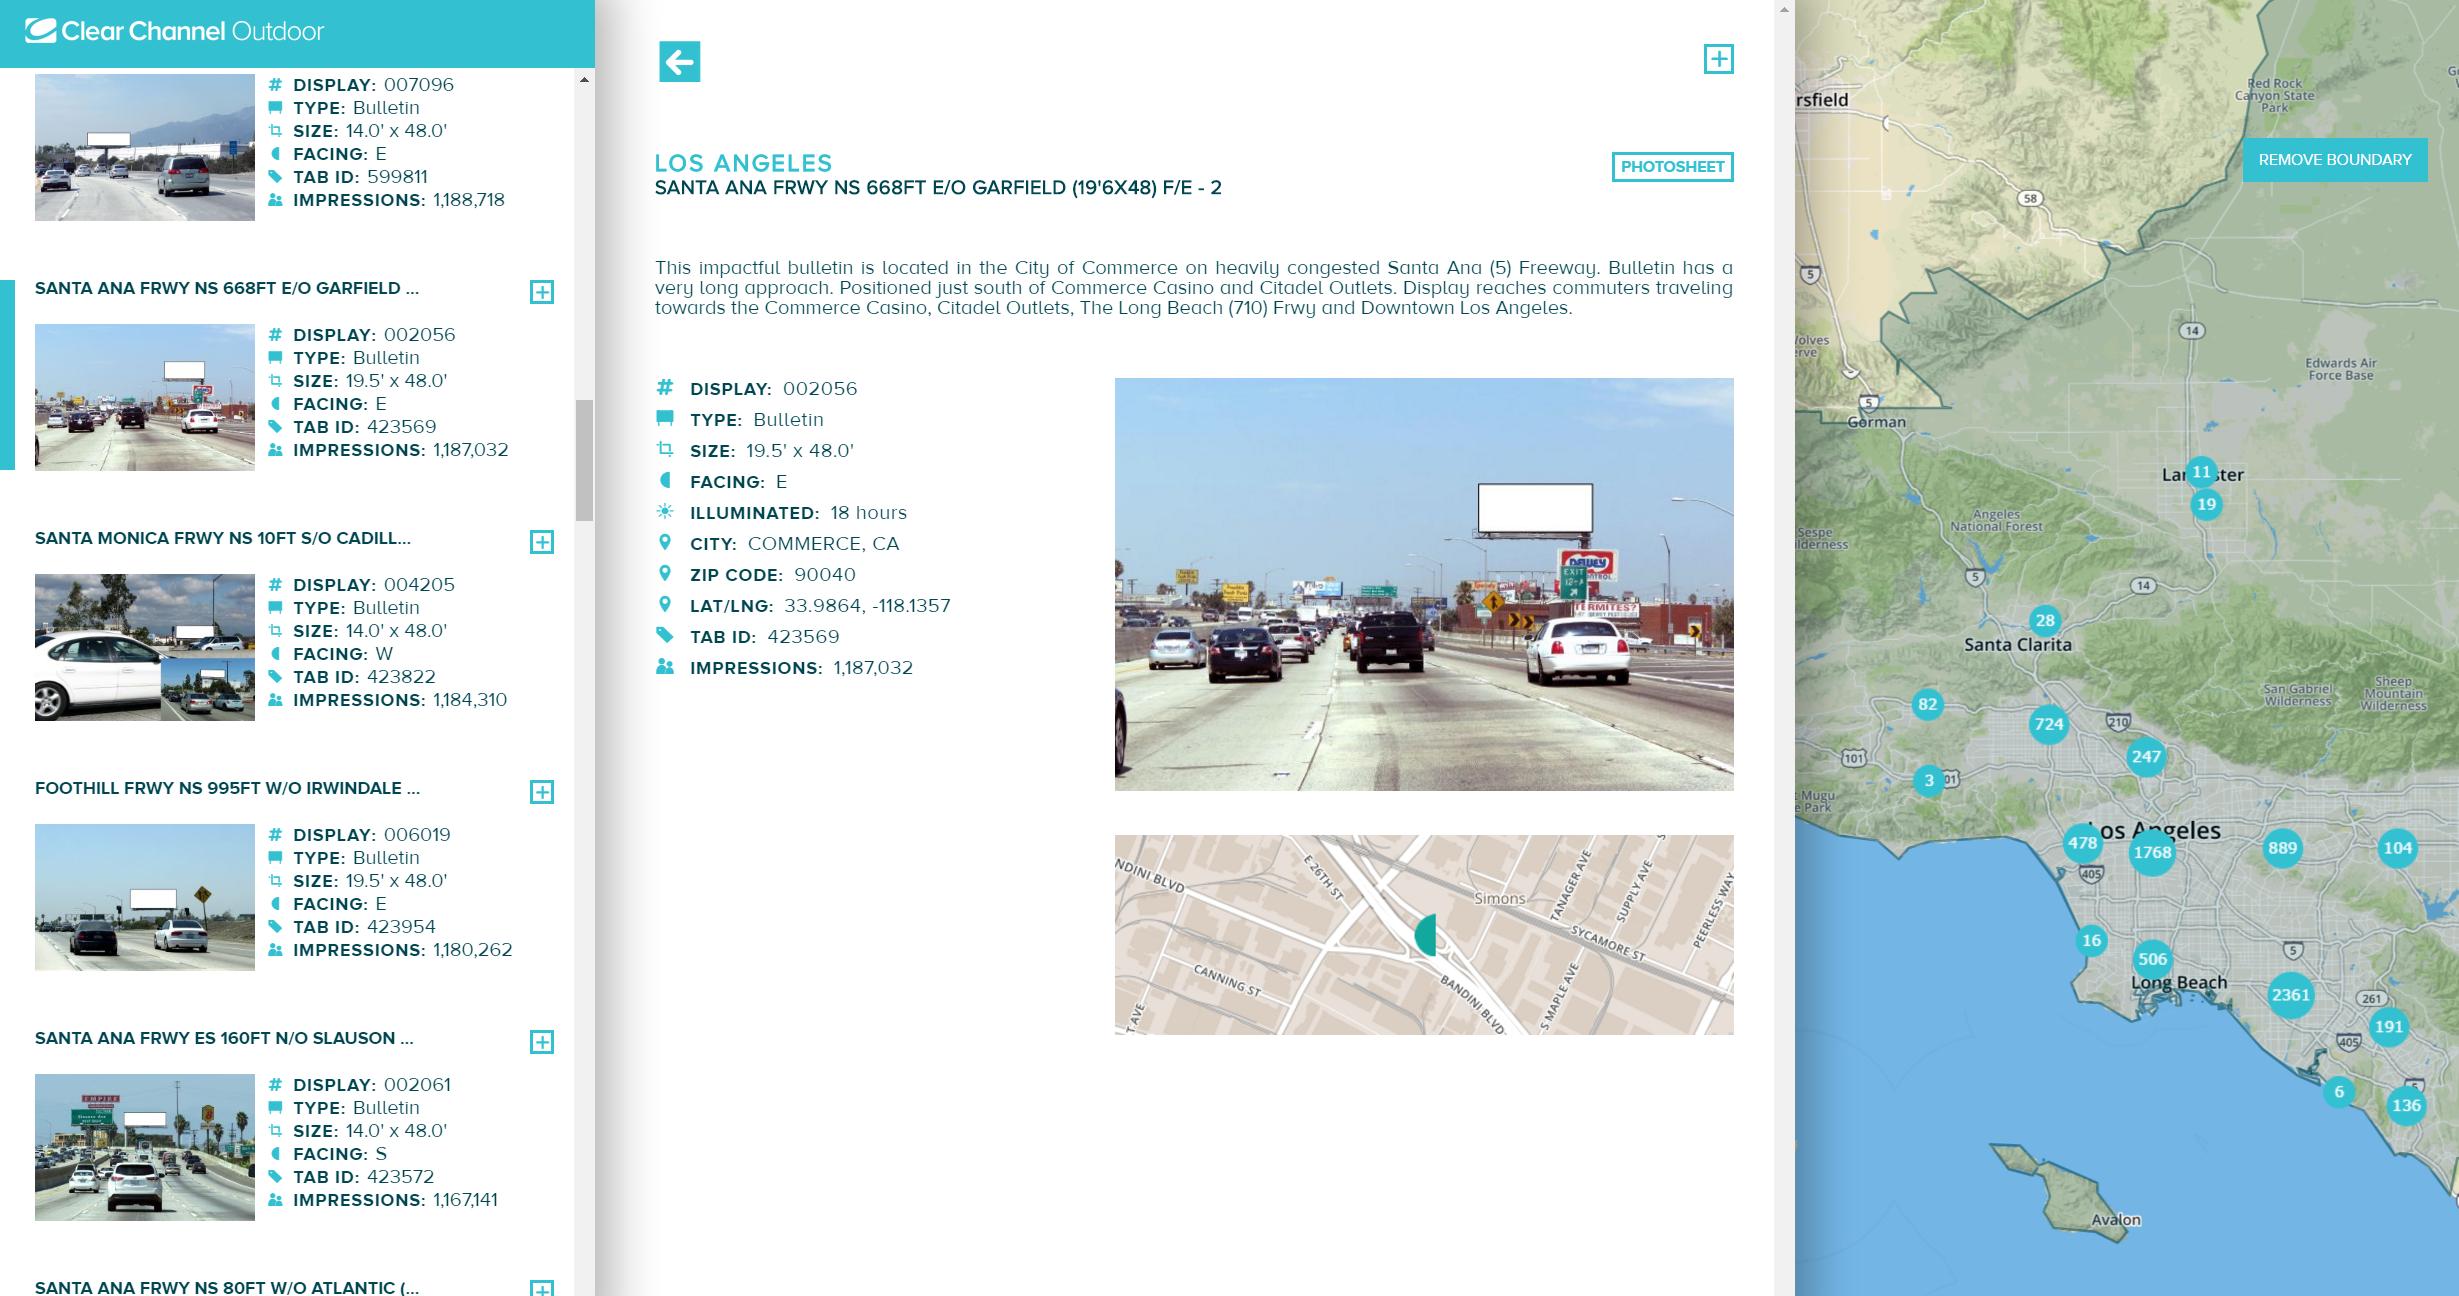 ClearChannelOutdoor_screenshot_2